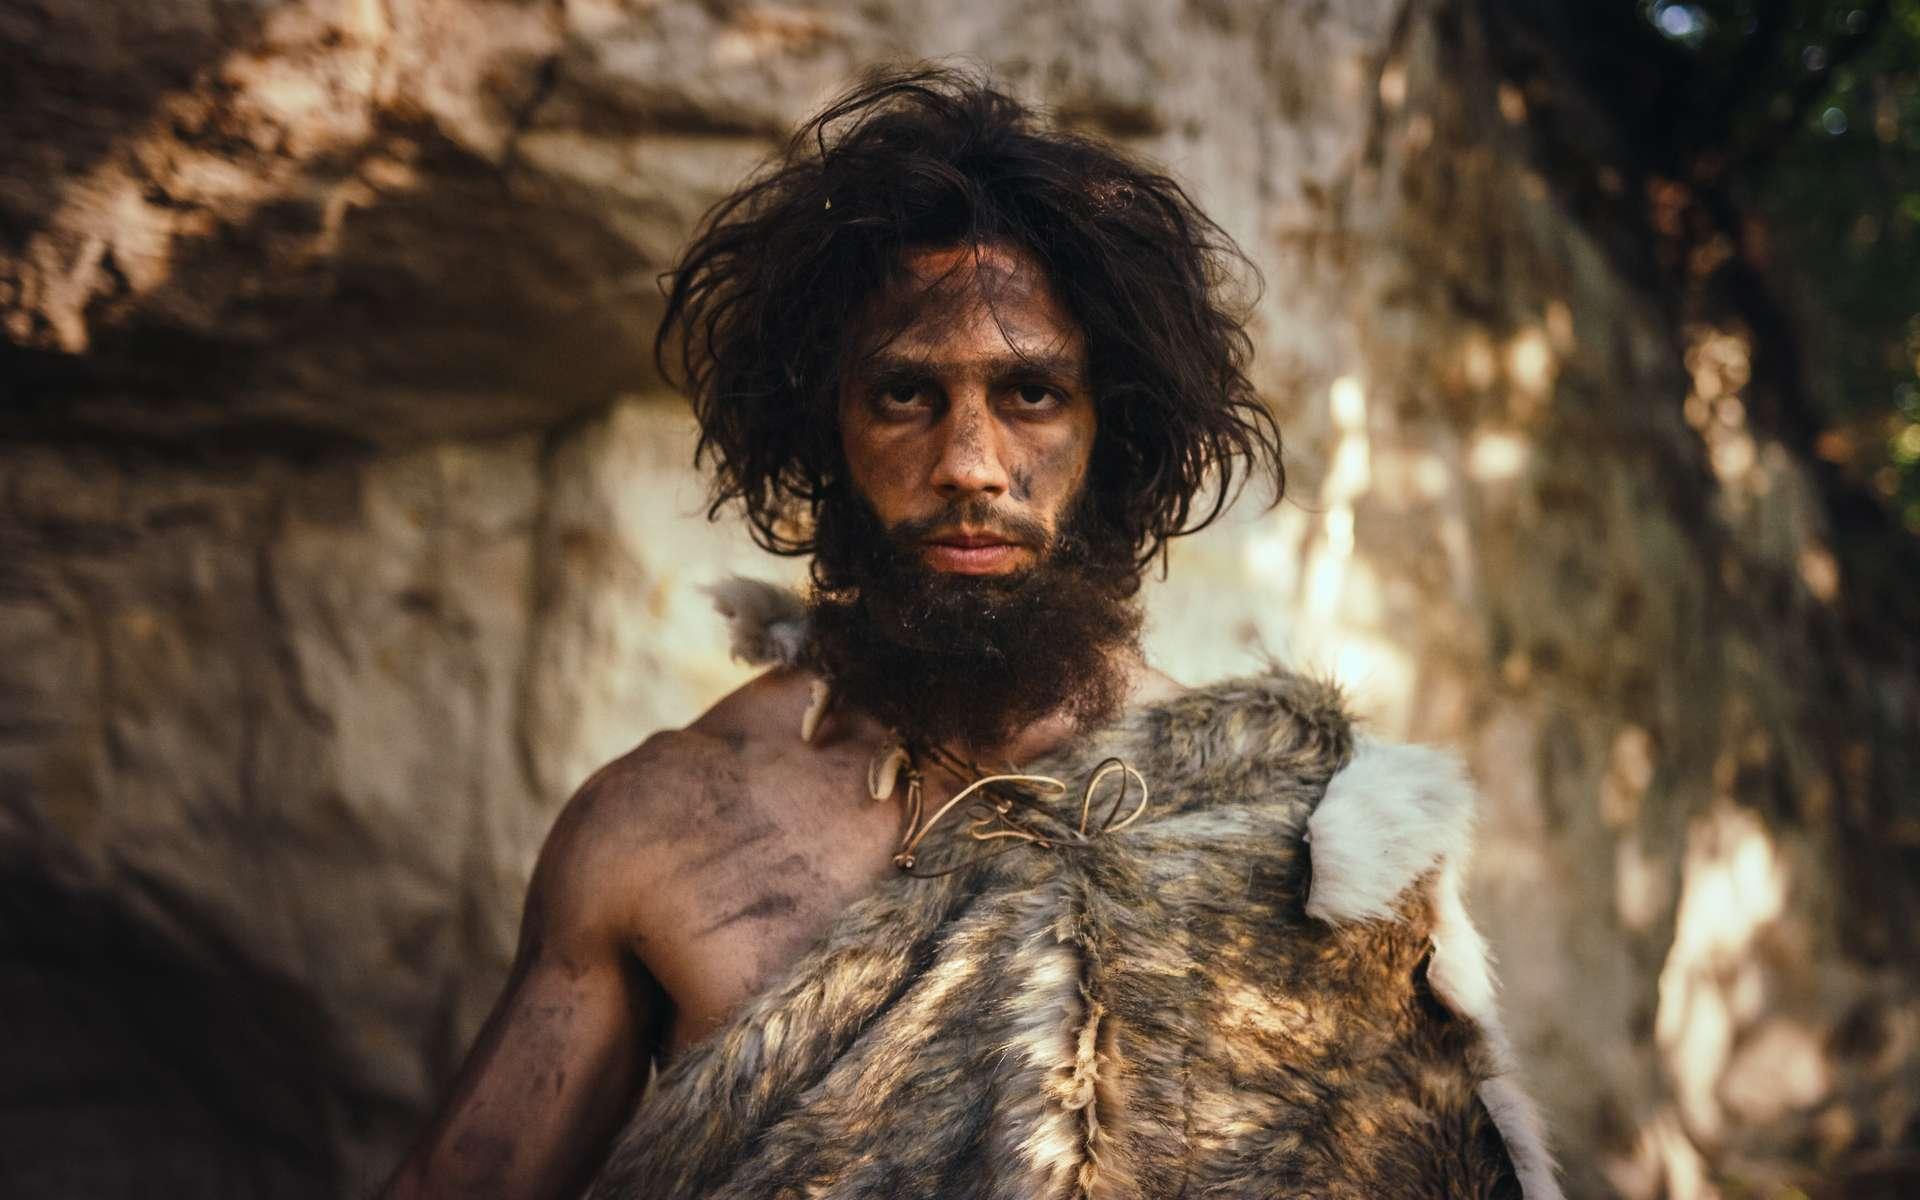 L'Homme des cavernes n'a peut-être... jamais existé. © Gorodenkoff, Adobe Stock